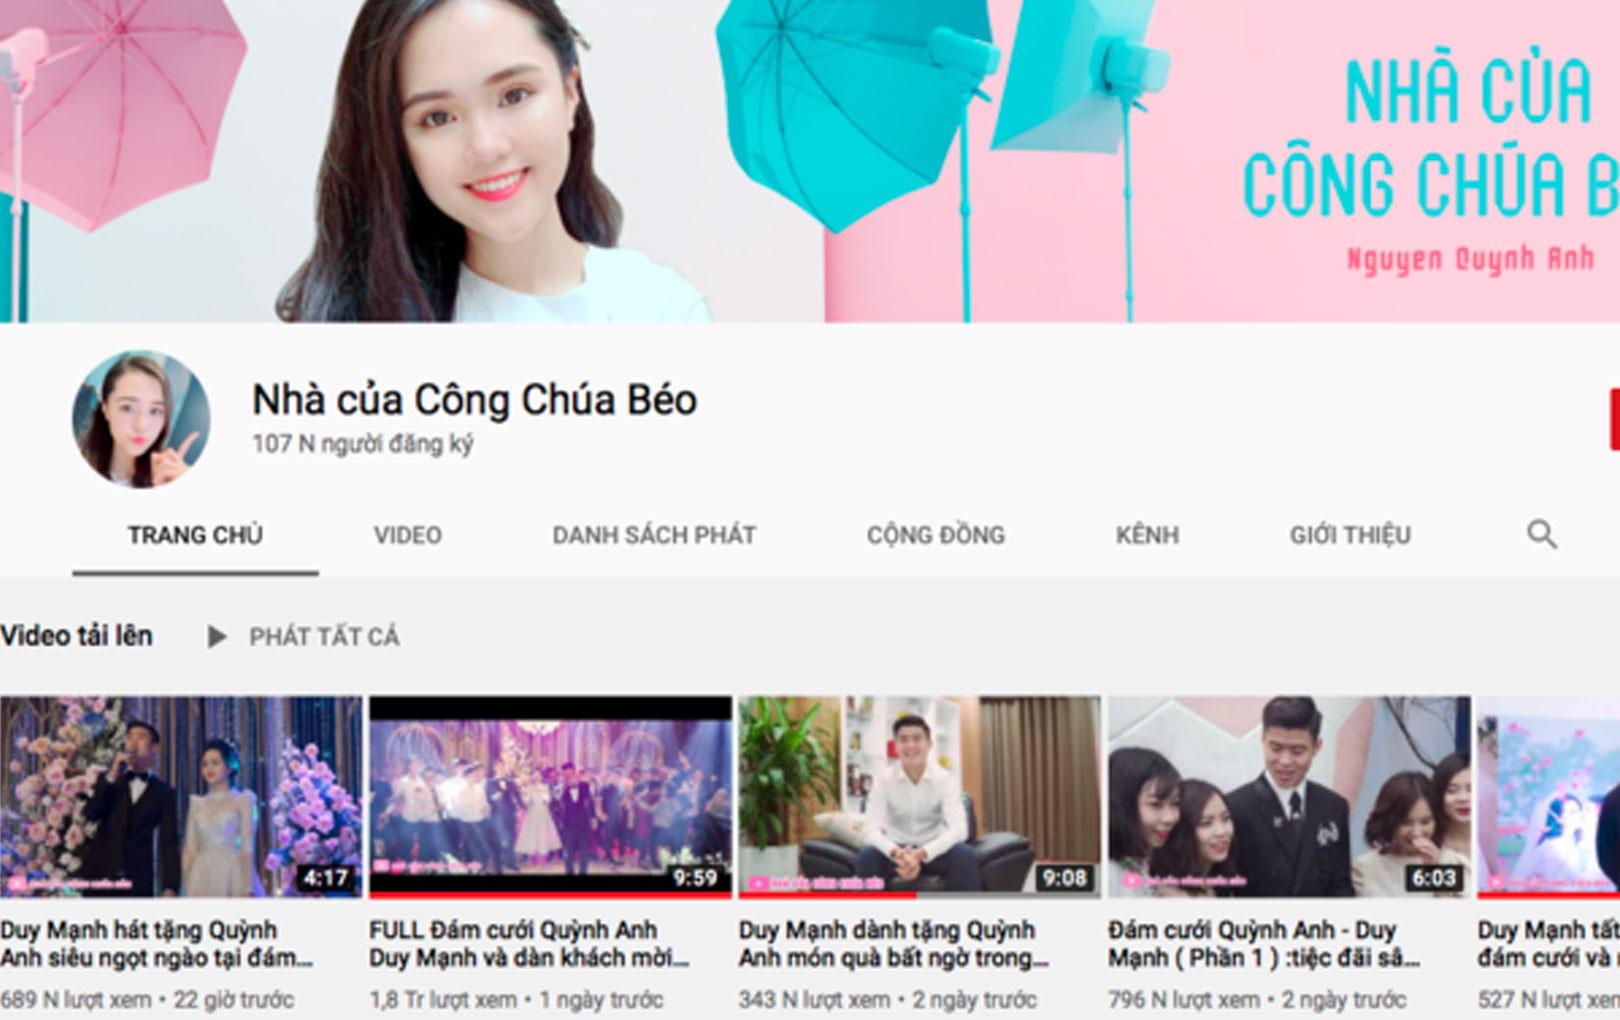 """Sau đám cưới """"thế kỉ"""" Quỳnh Anh - vợ Duy Mạnh đã nhận """"tin vui"""" đặc biệt"""